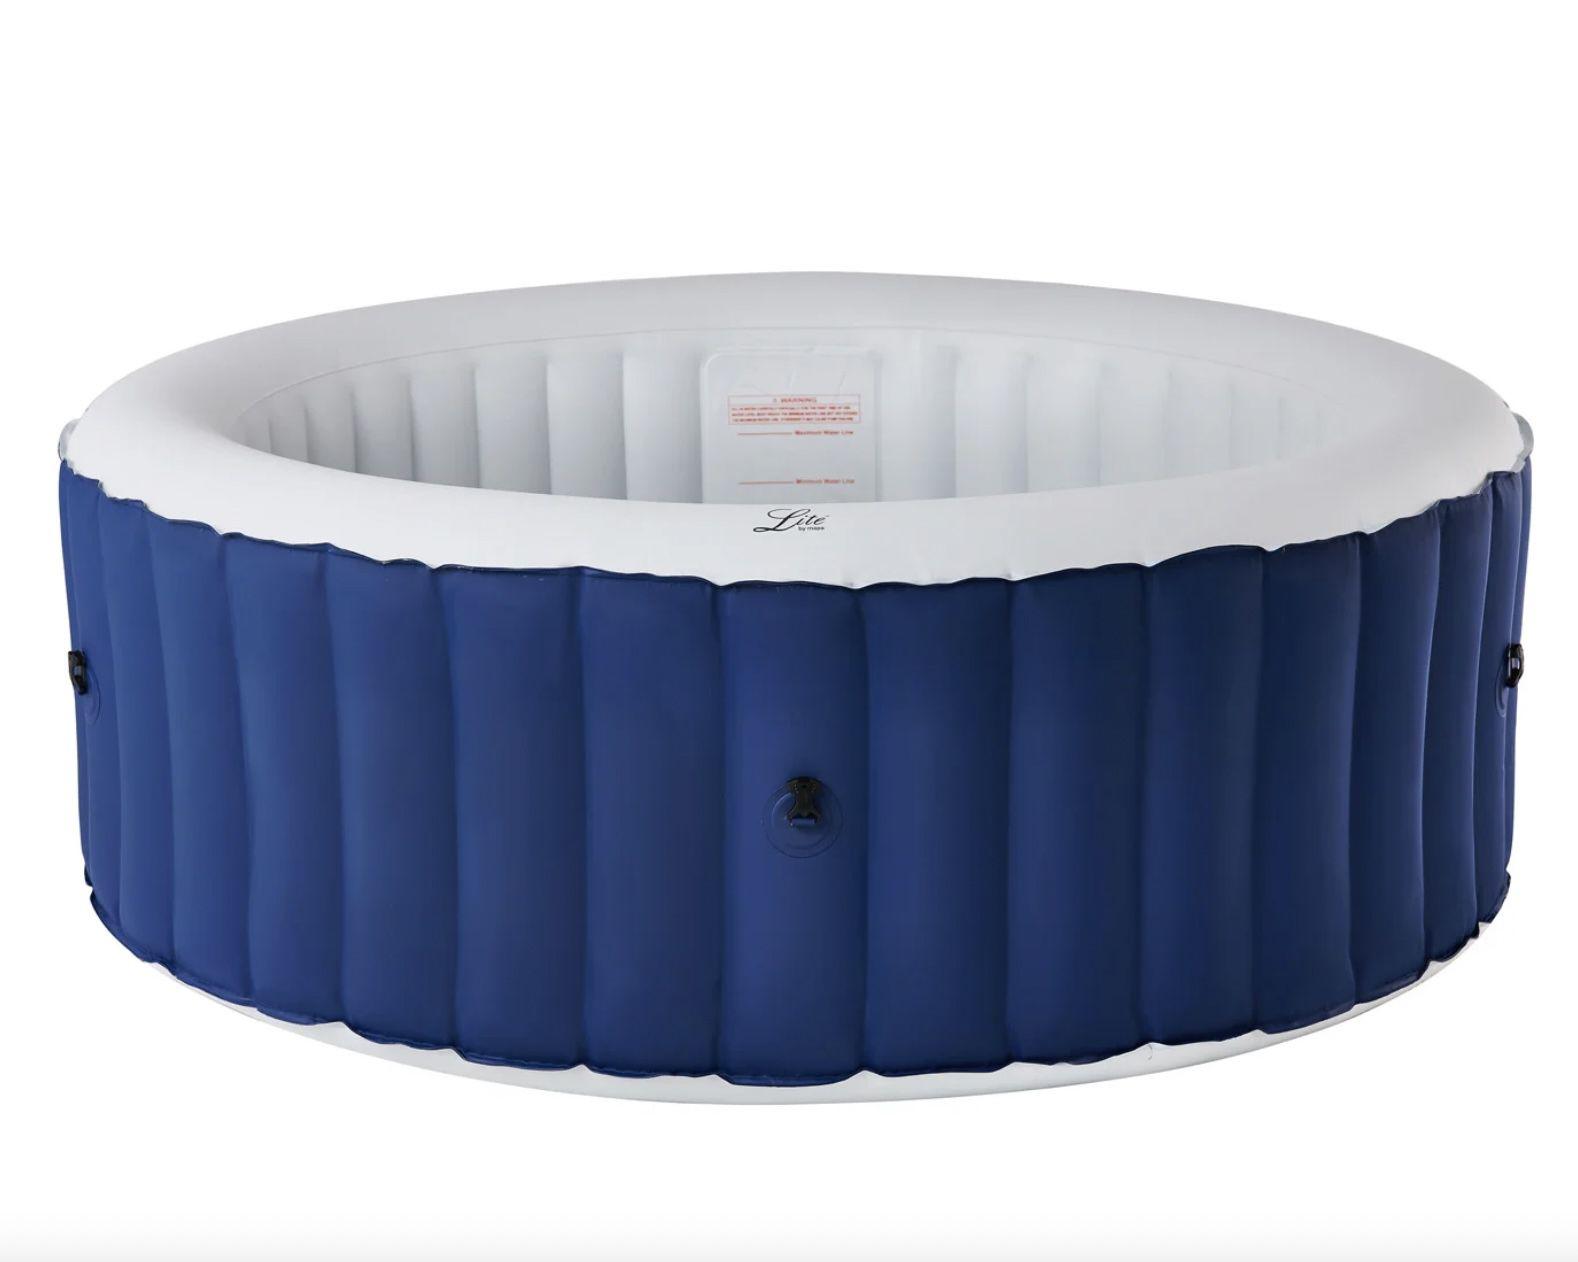 mSpa aufblasbarer Whirlpool für bis zu 4 Personen für 243,95€ (statt 349€)